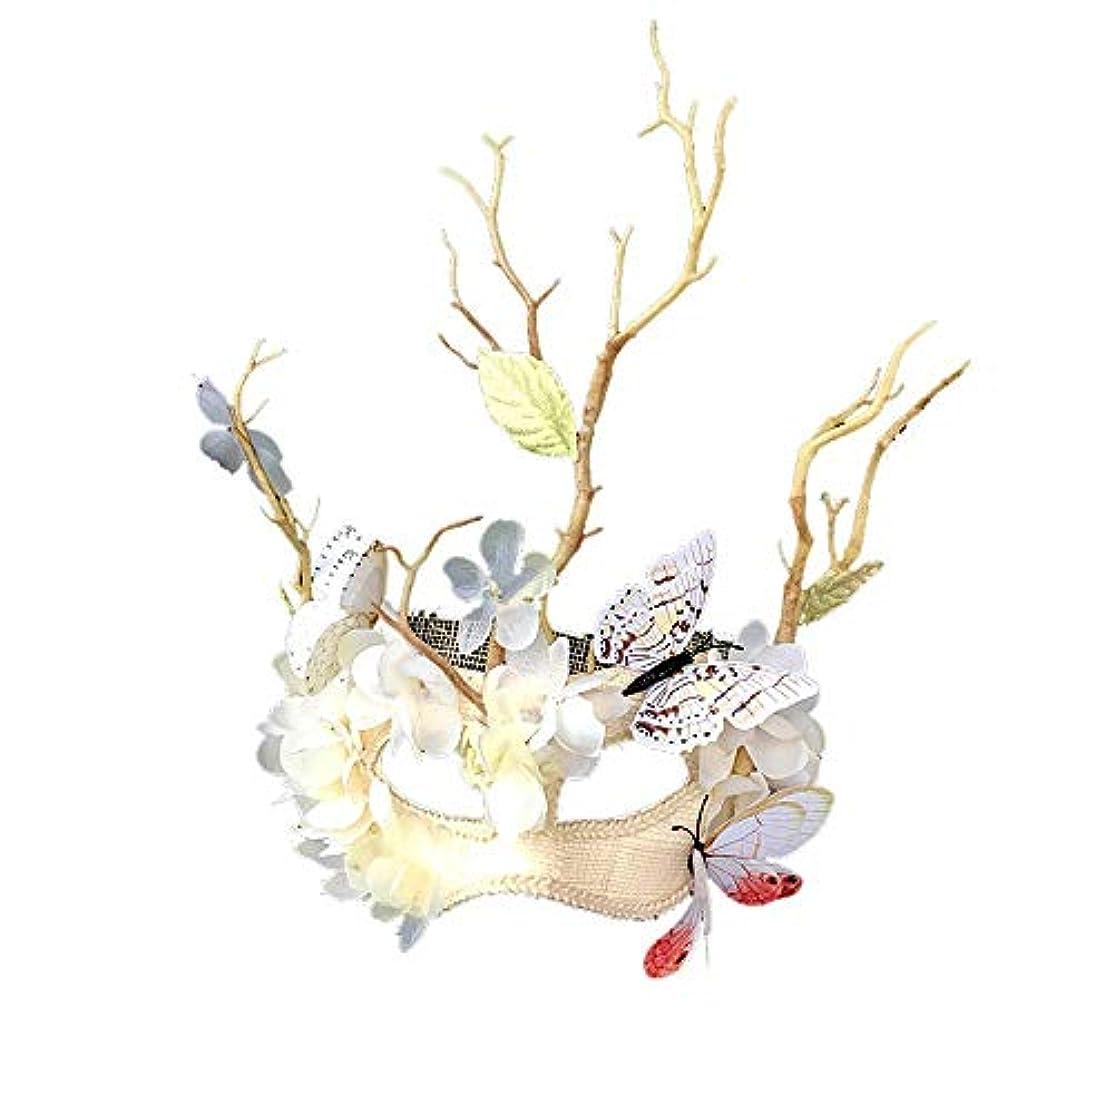 左贅沢な露骨なNanle ハロウィンの蝶の木ブランチマスク仮装マスクレディミスプリンセス美容祭パーティーデコレーション (色 : ベージュ)